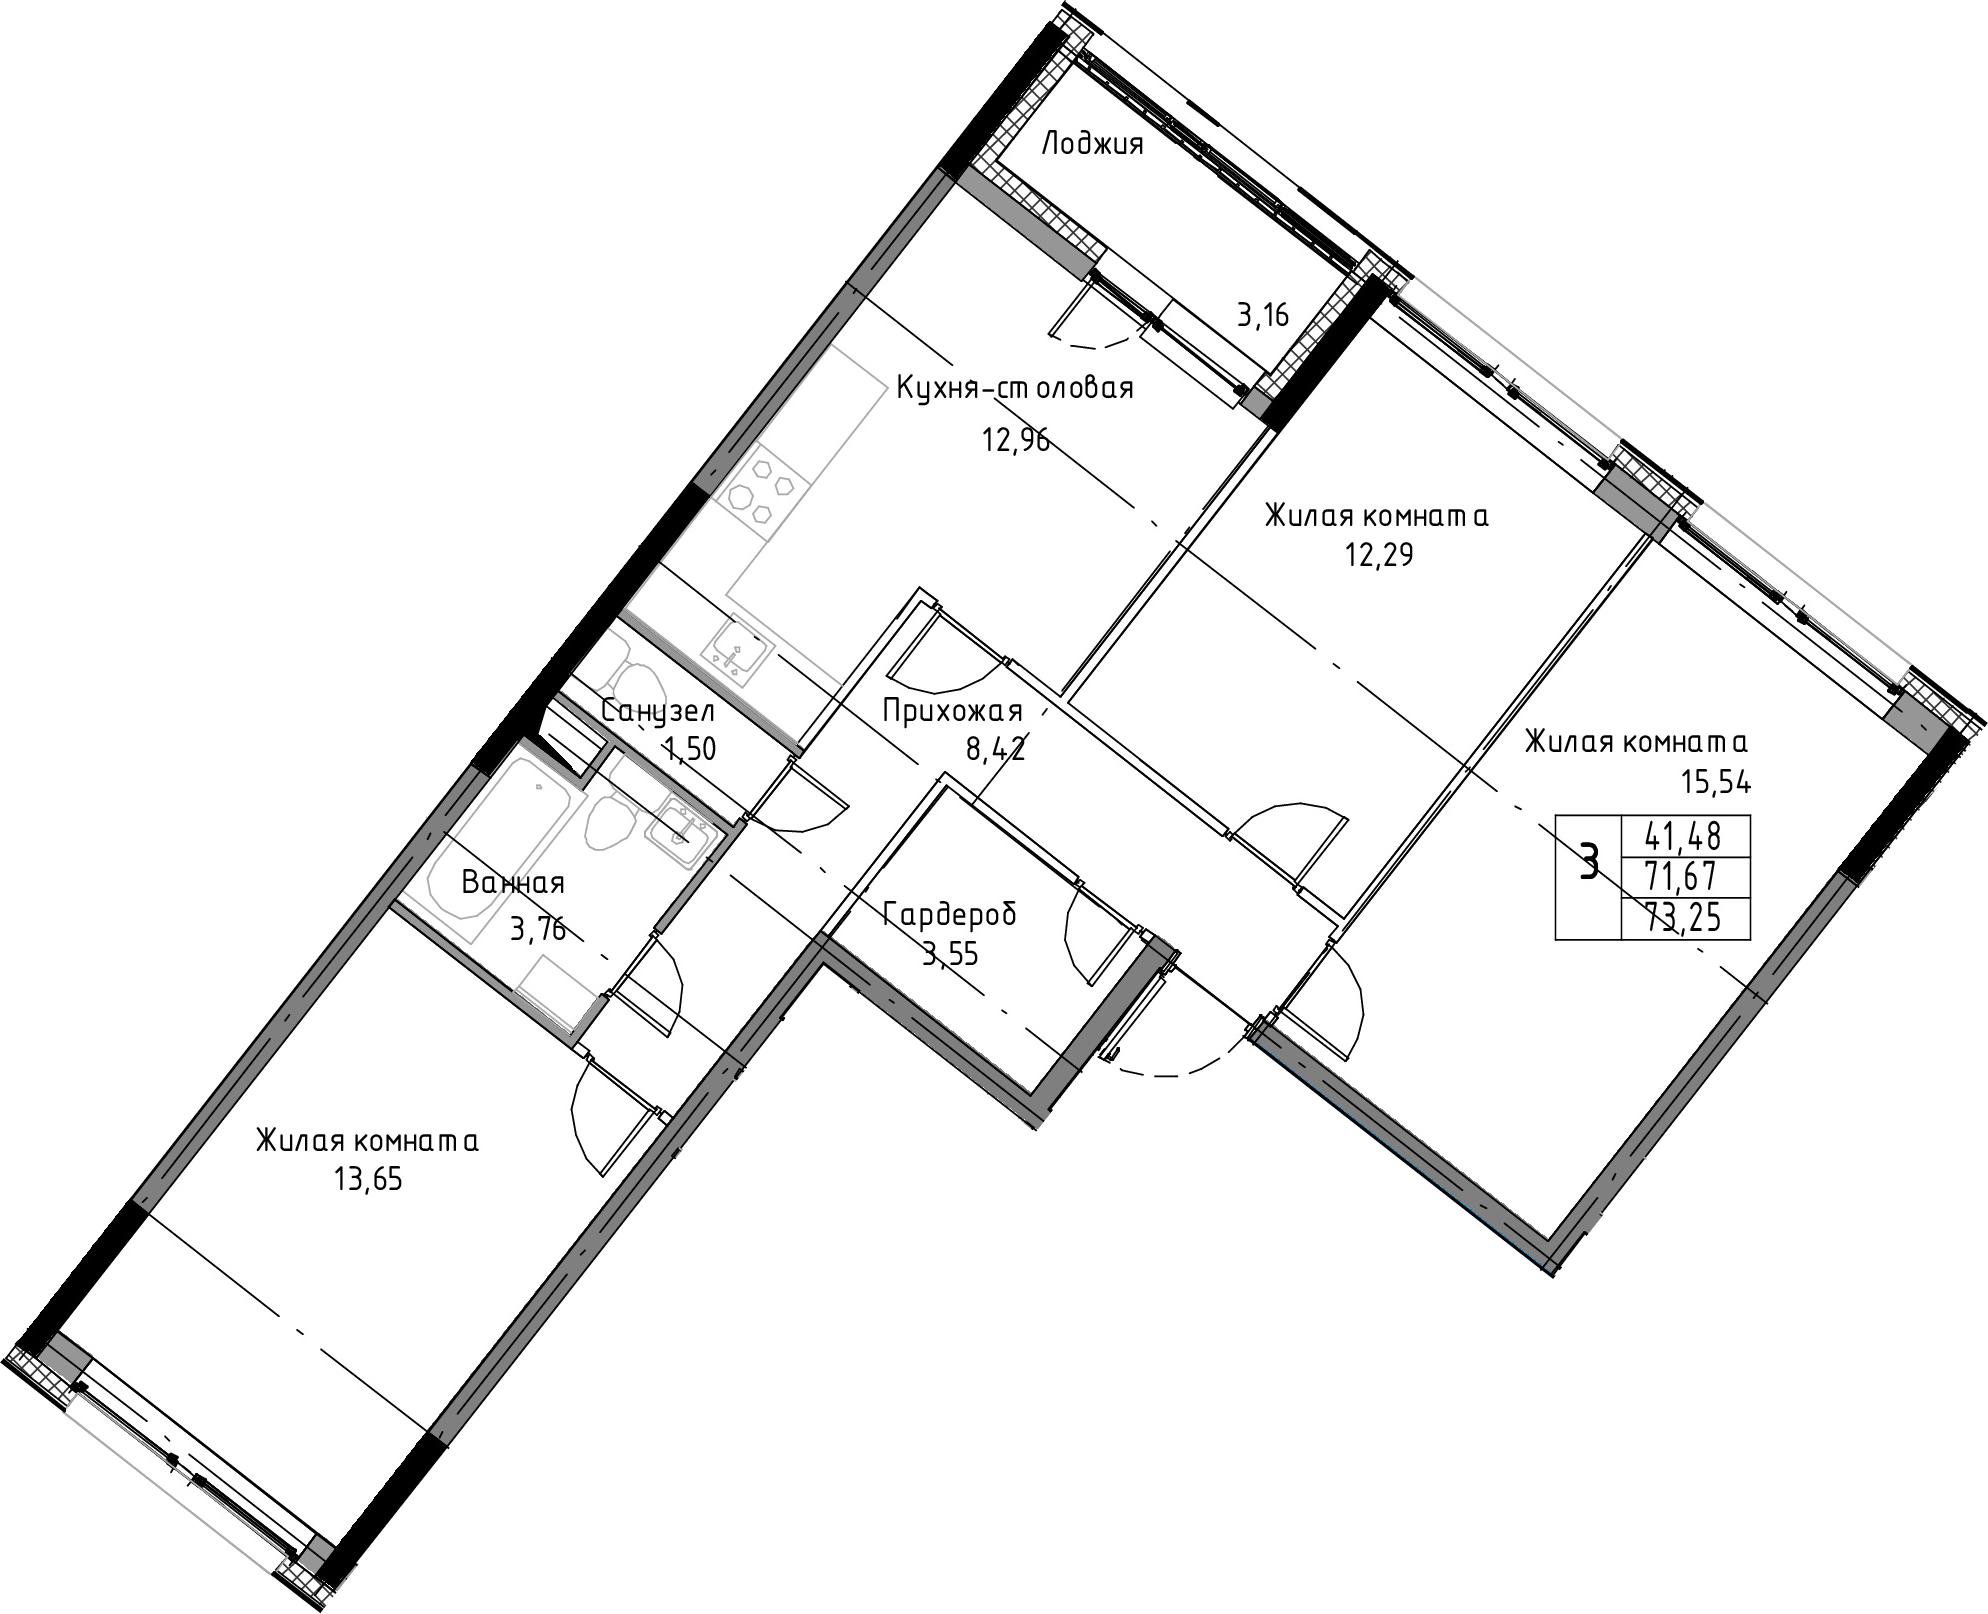 3-к.кв, 73.25 м²